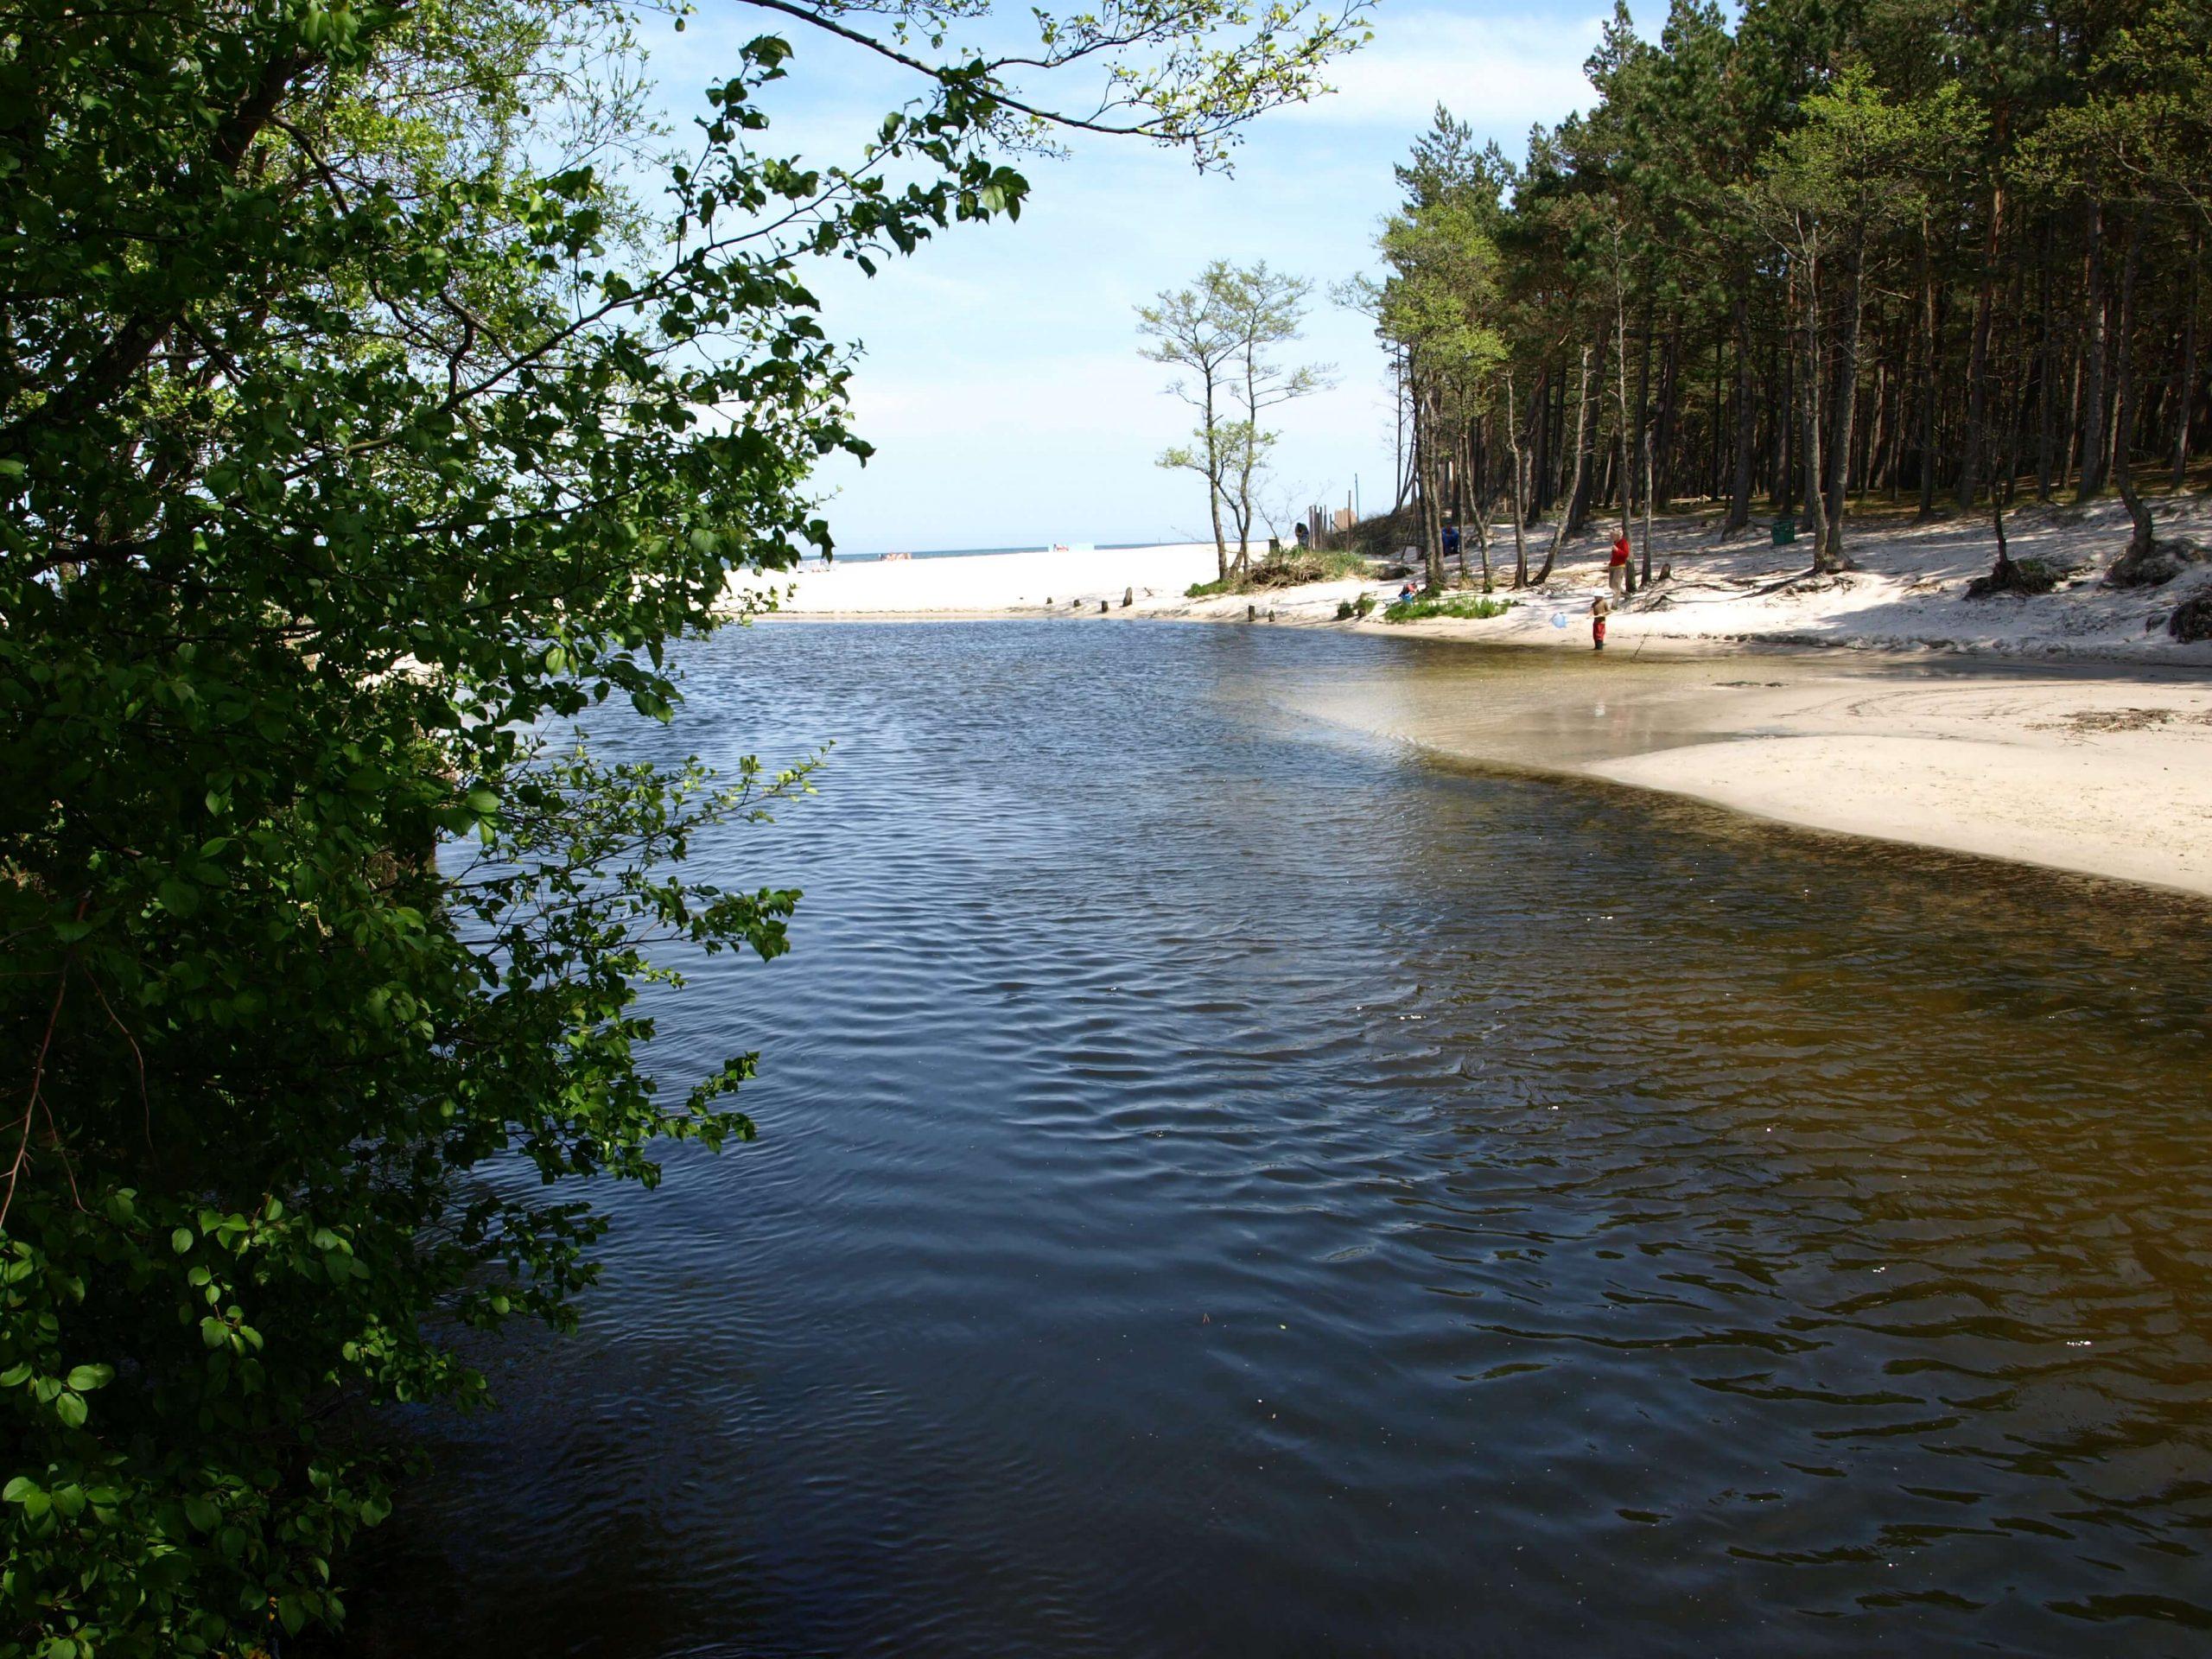 plaża stilo PROT scaled - Pomorskie do odkrycia: 10 miejsc, które warto odwiedzić po kwarantannie